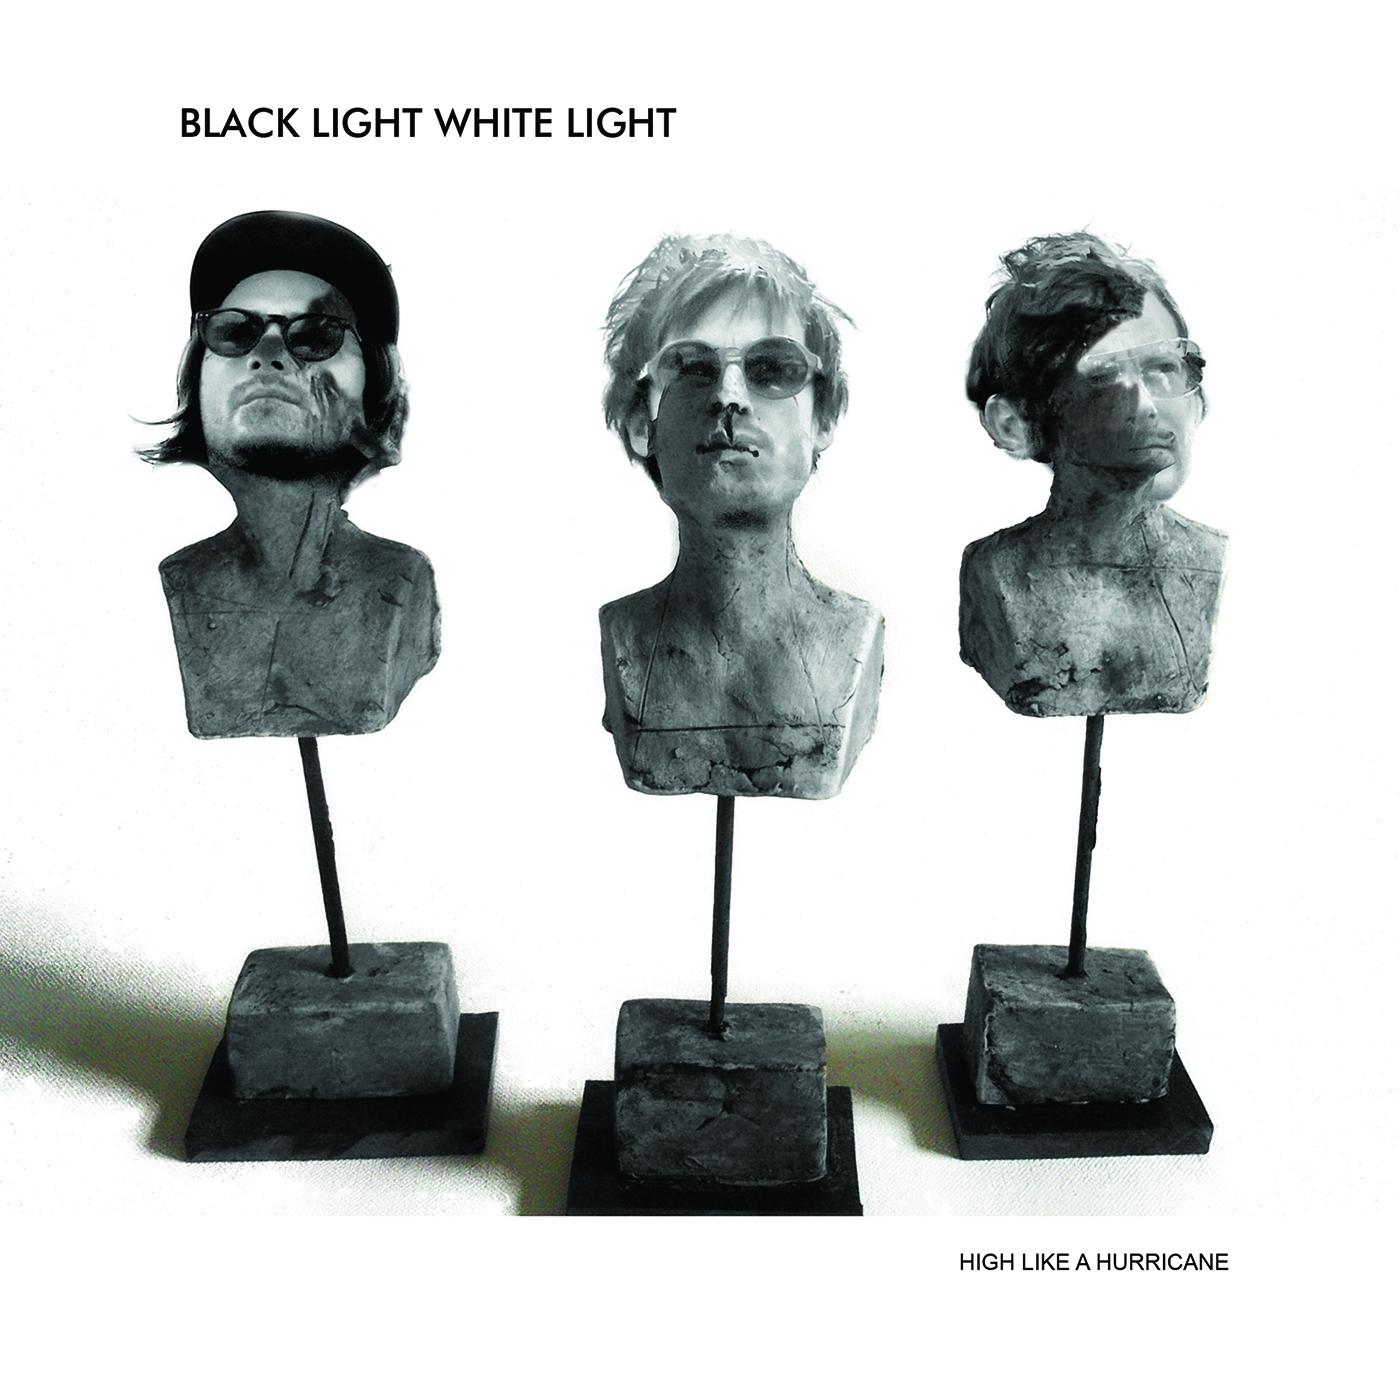 Black Light Whiet Light CD cover FINAL 2+1400 px.jpg